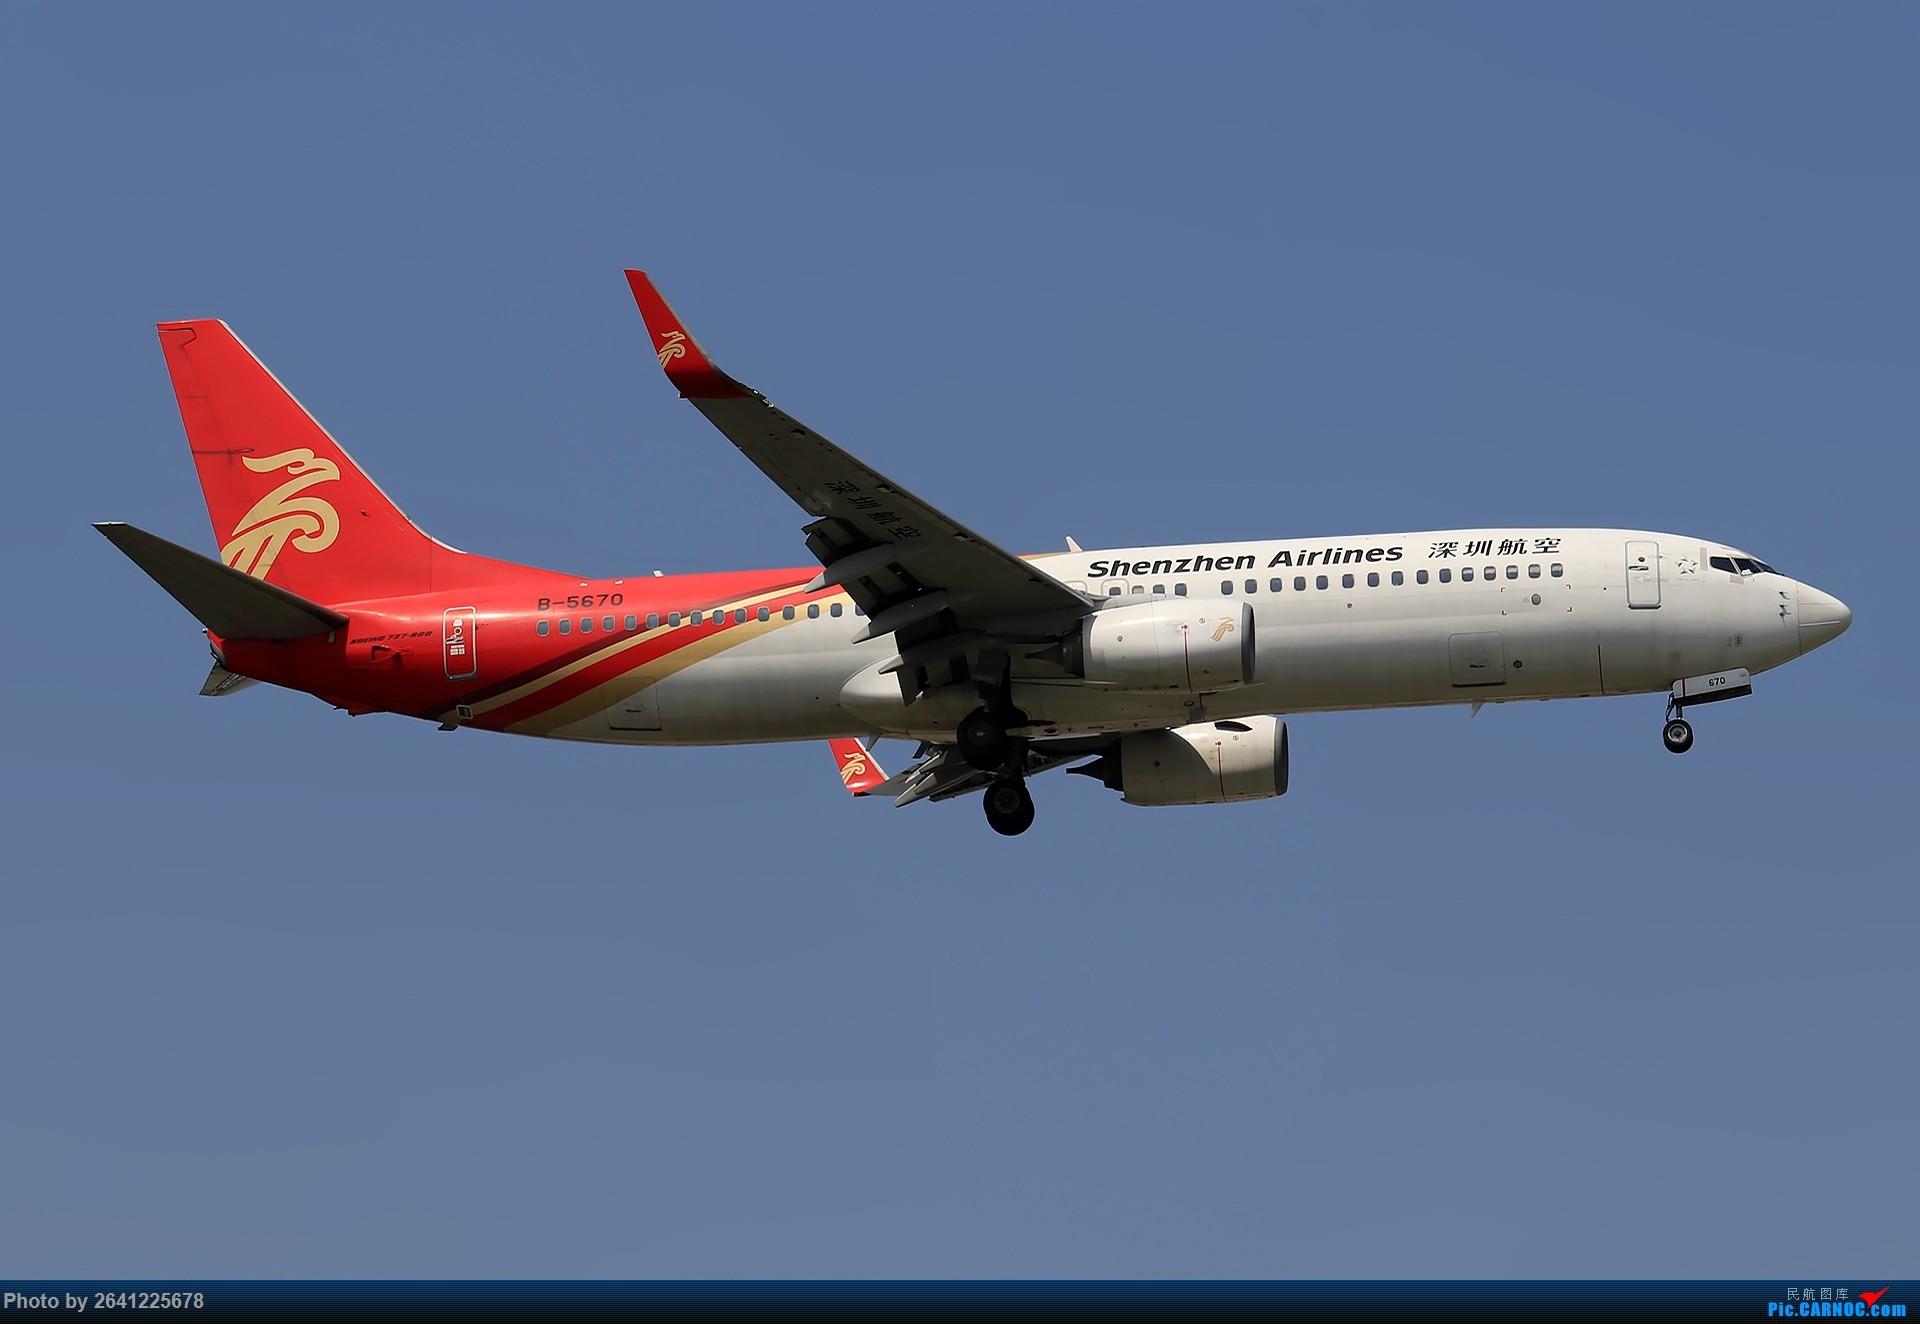 Re:[原创]*****试新机+新镜***** 1920(烂天+地热+渣技术,望大佬多多包涵) BOEING 737-800 B-5670 中国北京首都国际机场